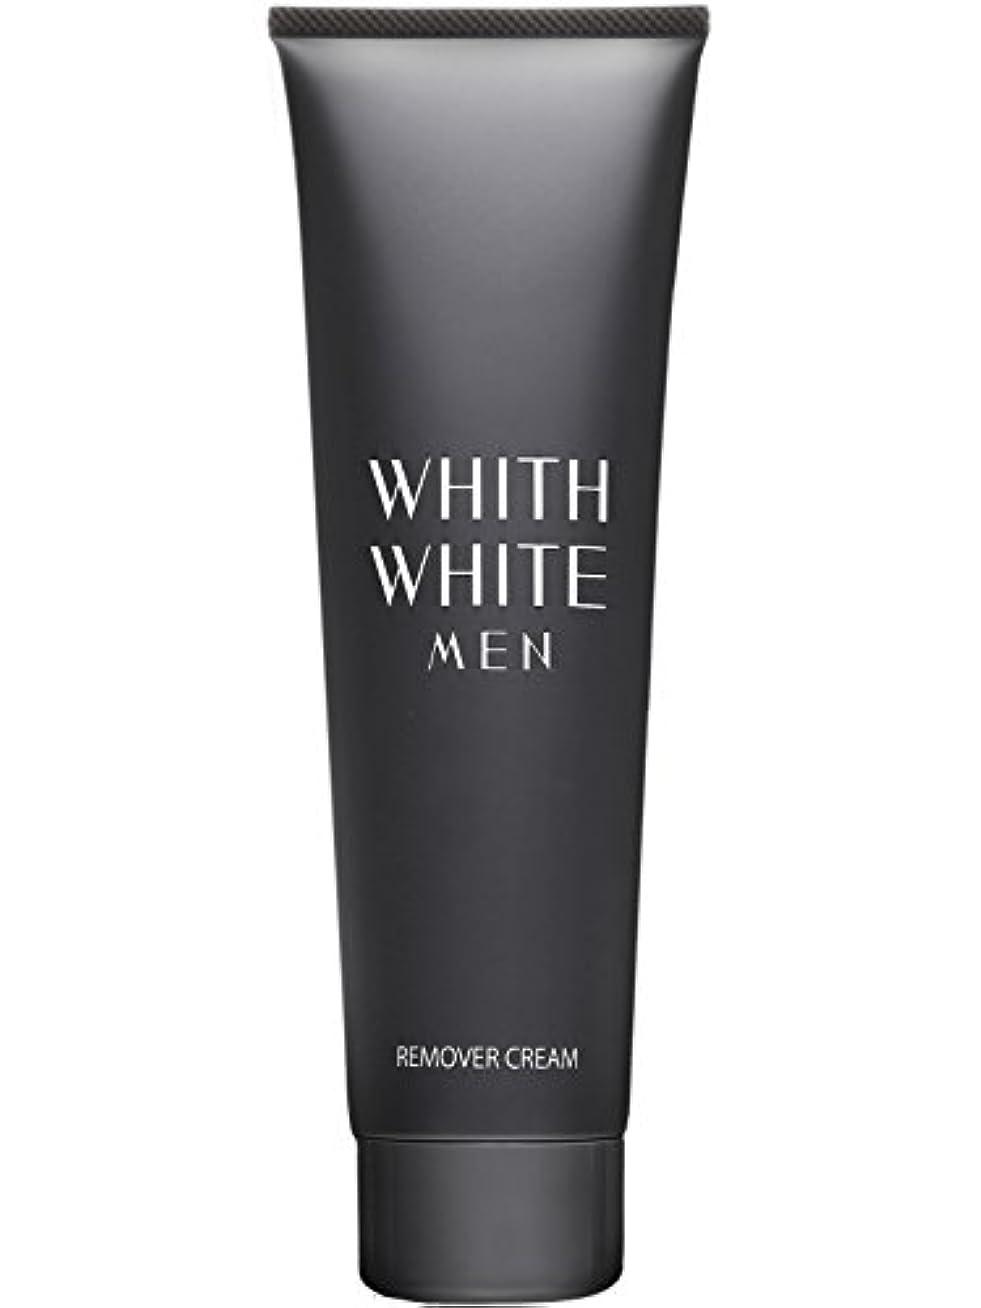 受取人悪行鎮静剤医薬部外品 フィス ホワイト メンズ 除毛クリーム リムーバークリーム 陰部 使用可能 210g